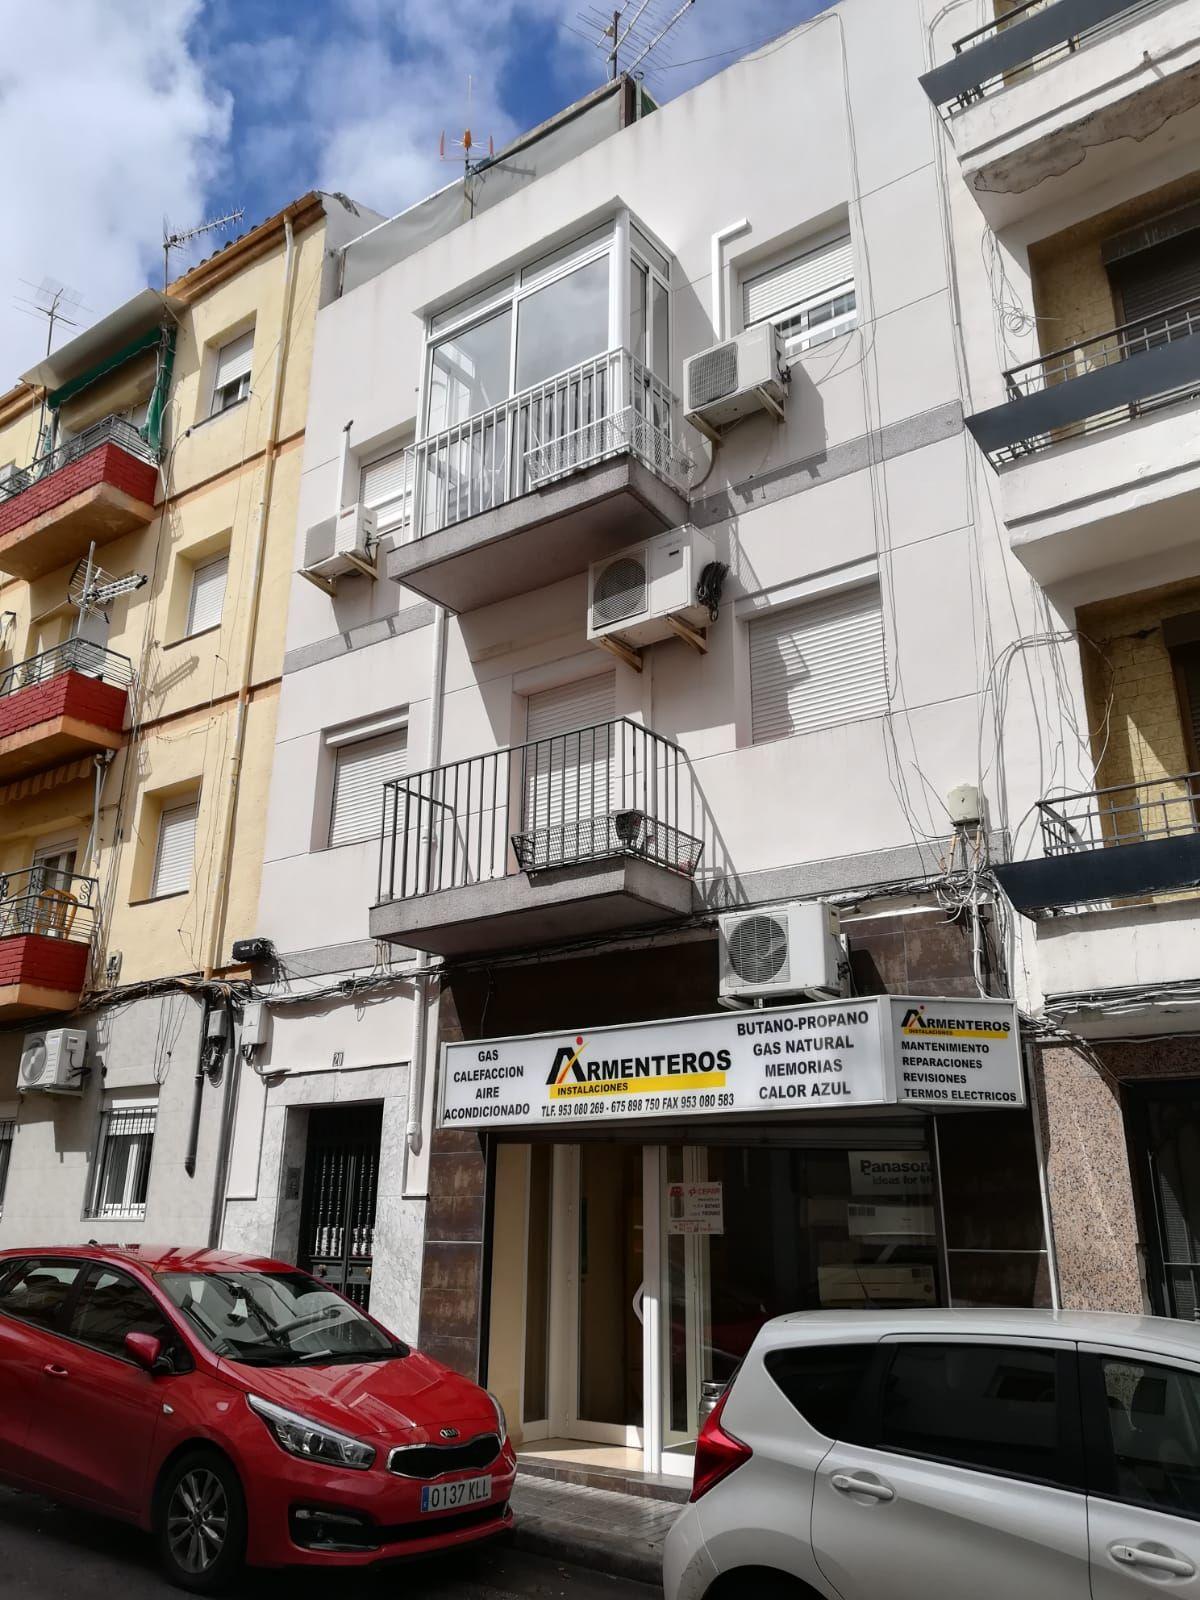 Piso en venta en Jaén, Jaén, Calle Valencia, 59.900 €, 3 habitaciones, 1 baño, 80 m2